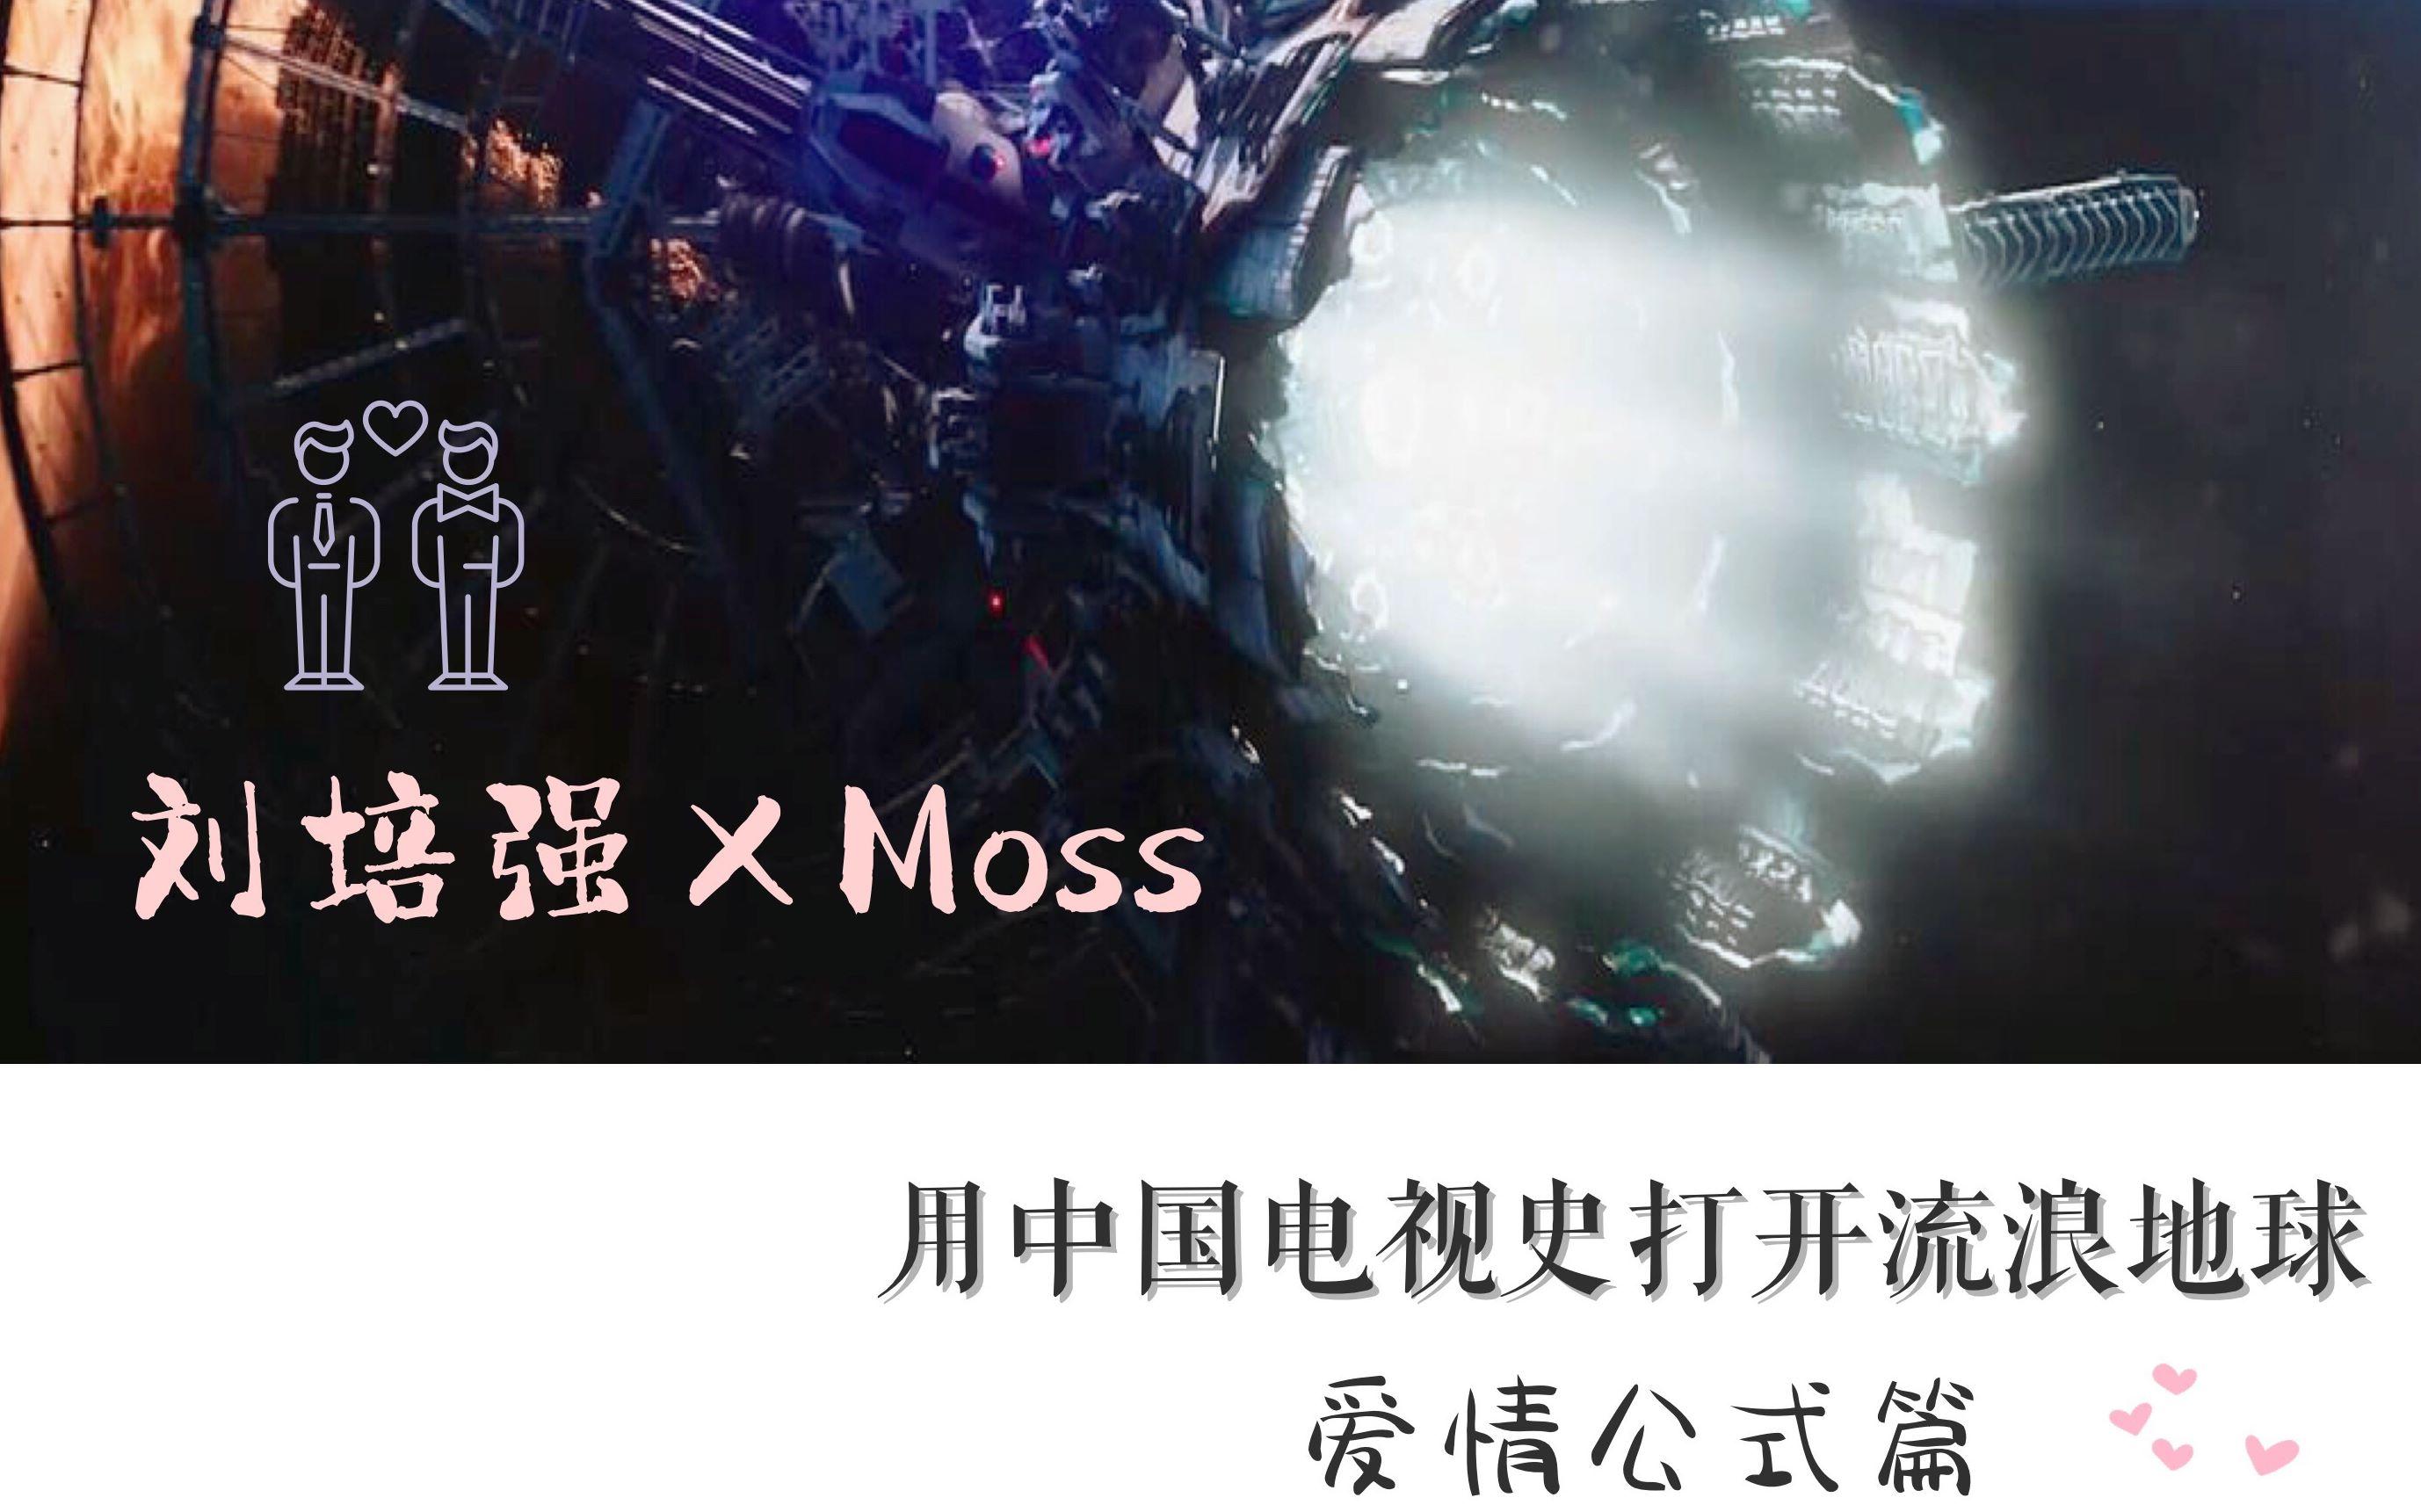 【刘培强xmoss】用中国电视史打开流浪地球(爱情公式篇)图片